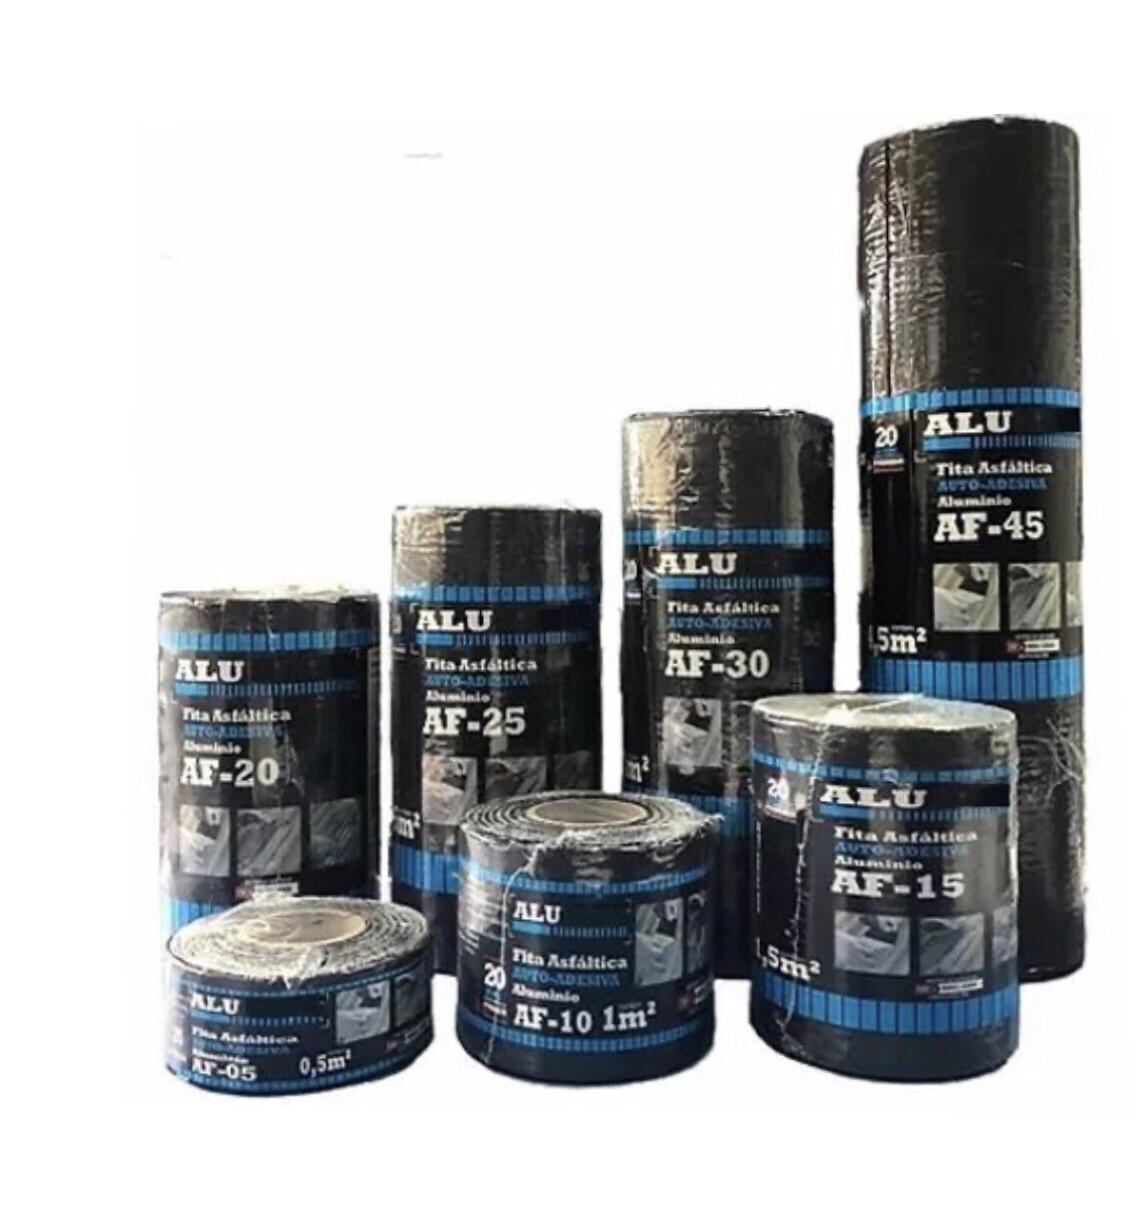 Fita Asfáltica Auto-Adesiva ALU/FLEX Cor Grafite 30cm x 10m x 1mm